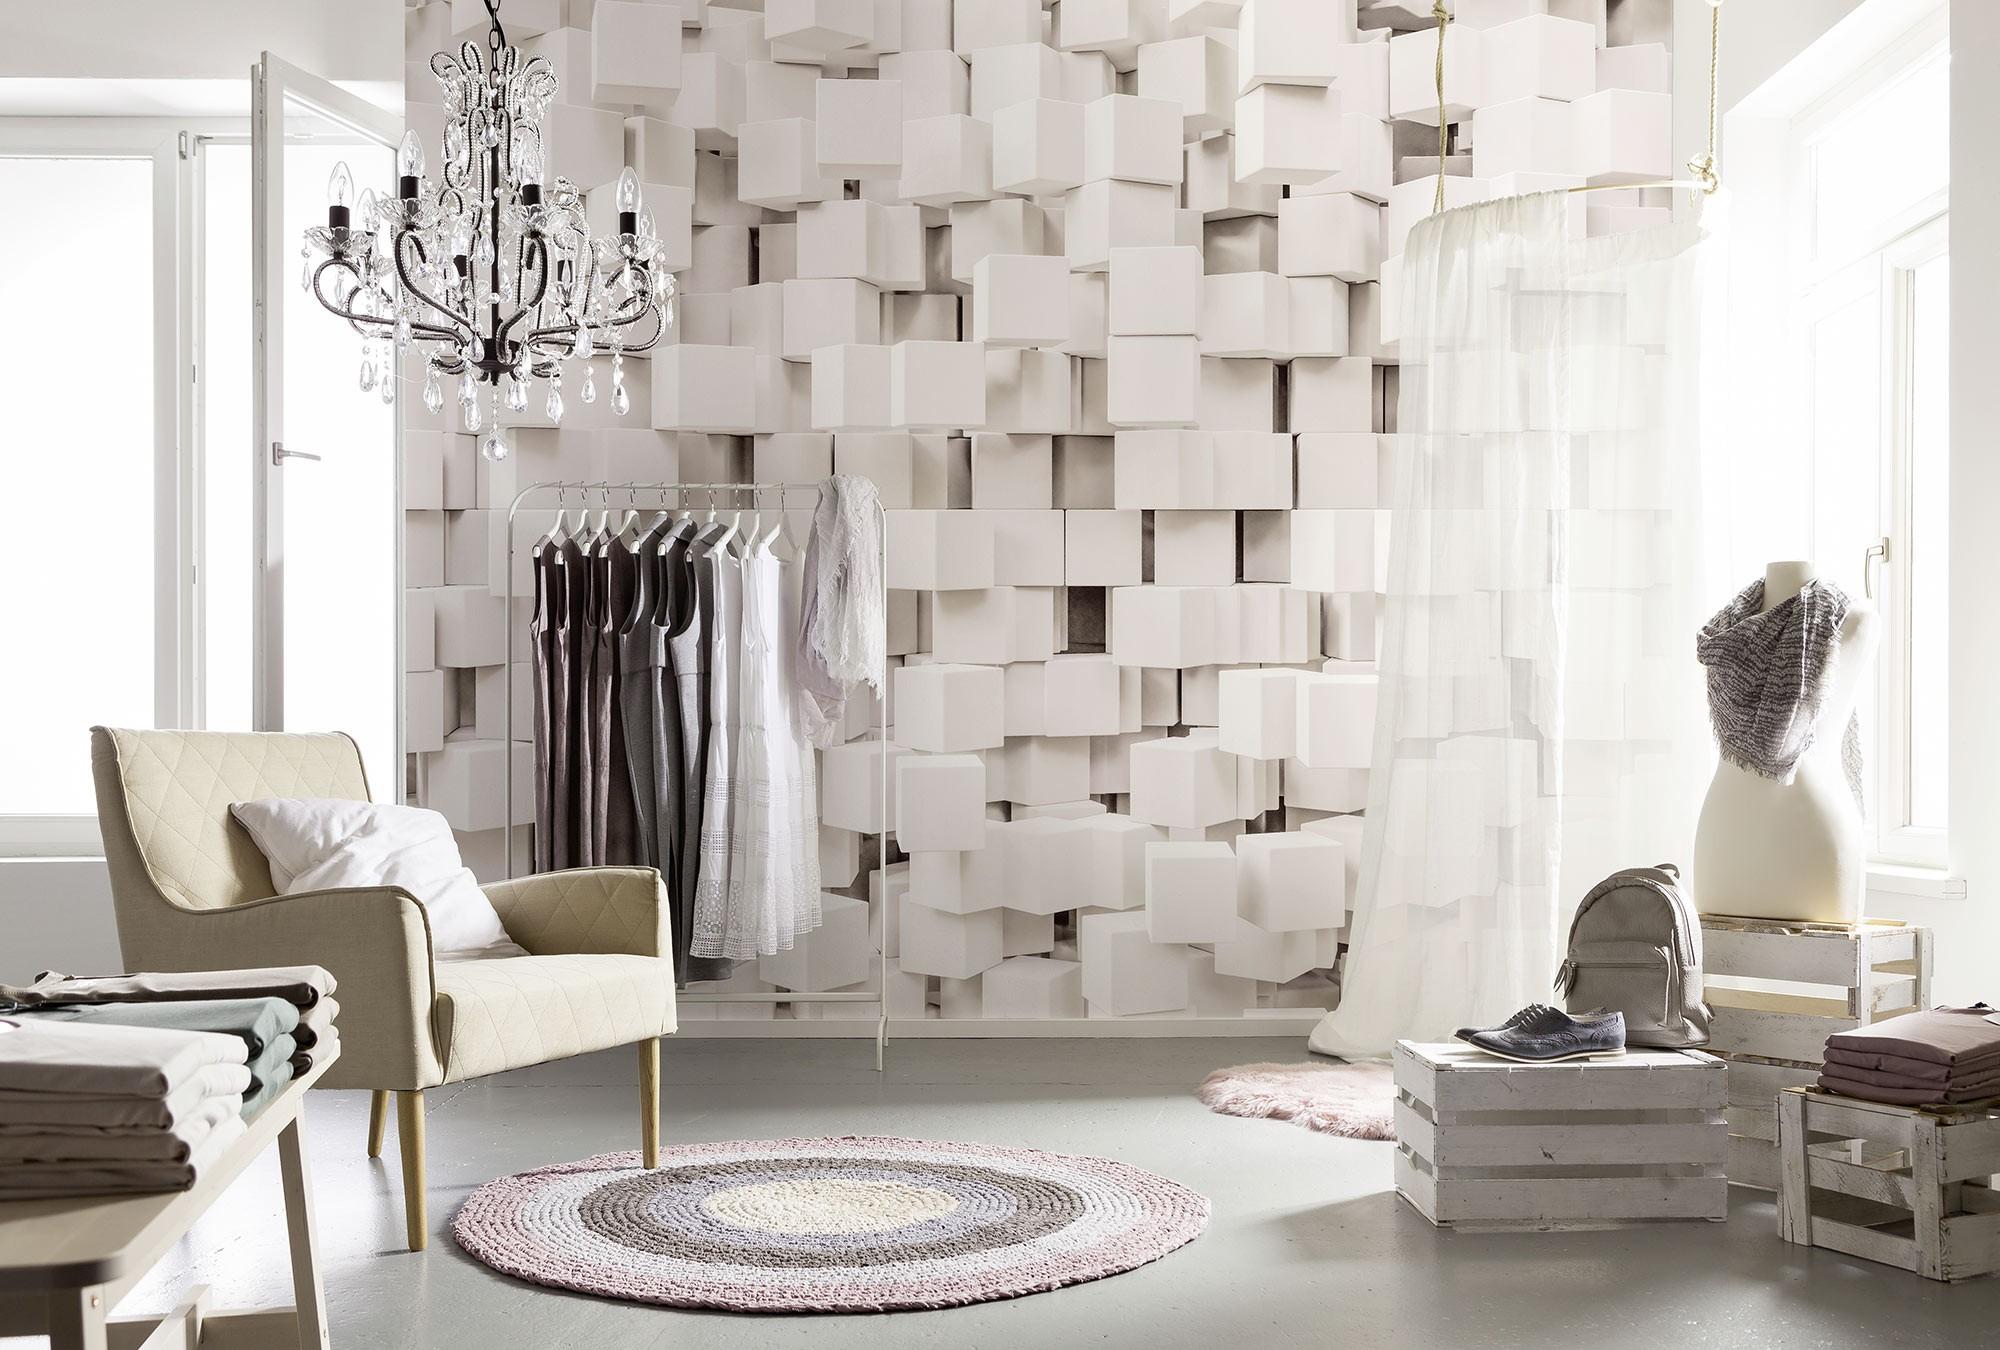 Wandtattoos in Wohnzimmer und Küche – zeitgemäß, stylisch und dekorativ